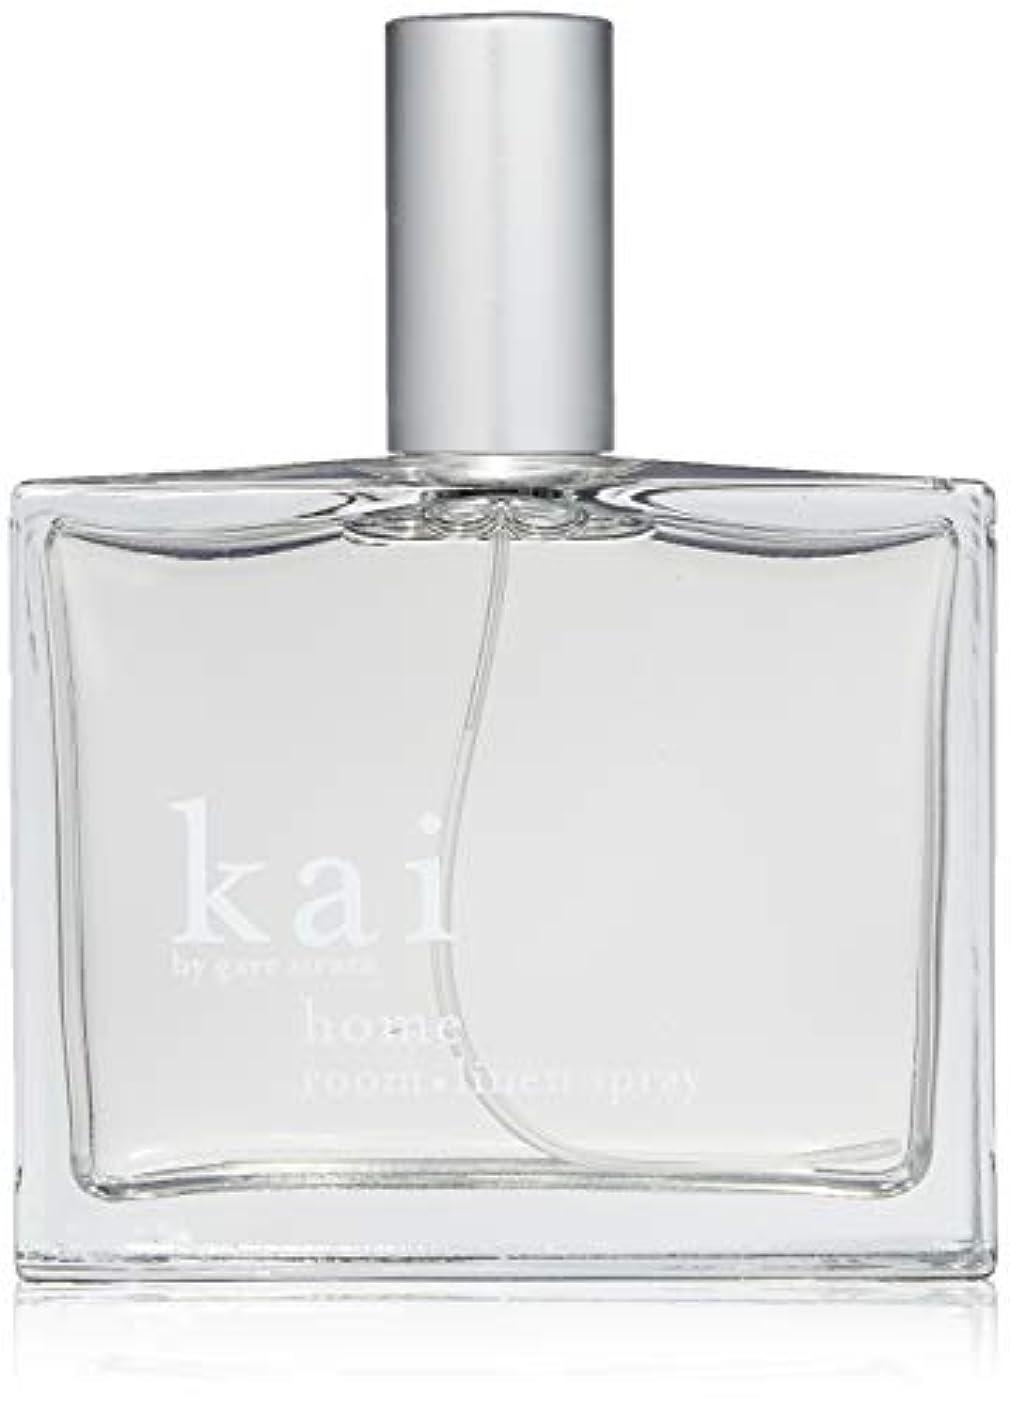 記述する委員会イノセンスkai fragrance(カイ フレグランス) ルームリネンスプレー 100ml